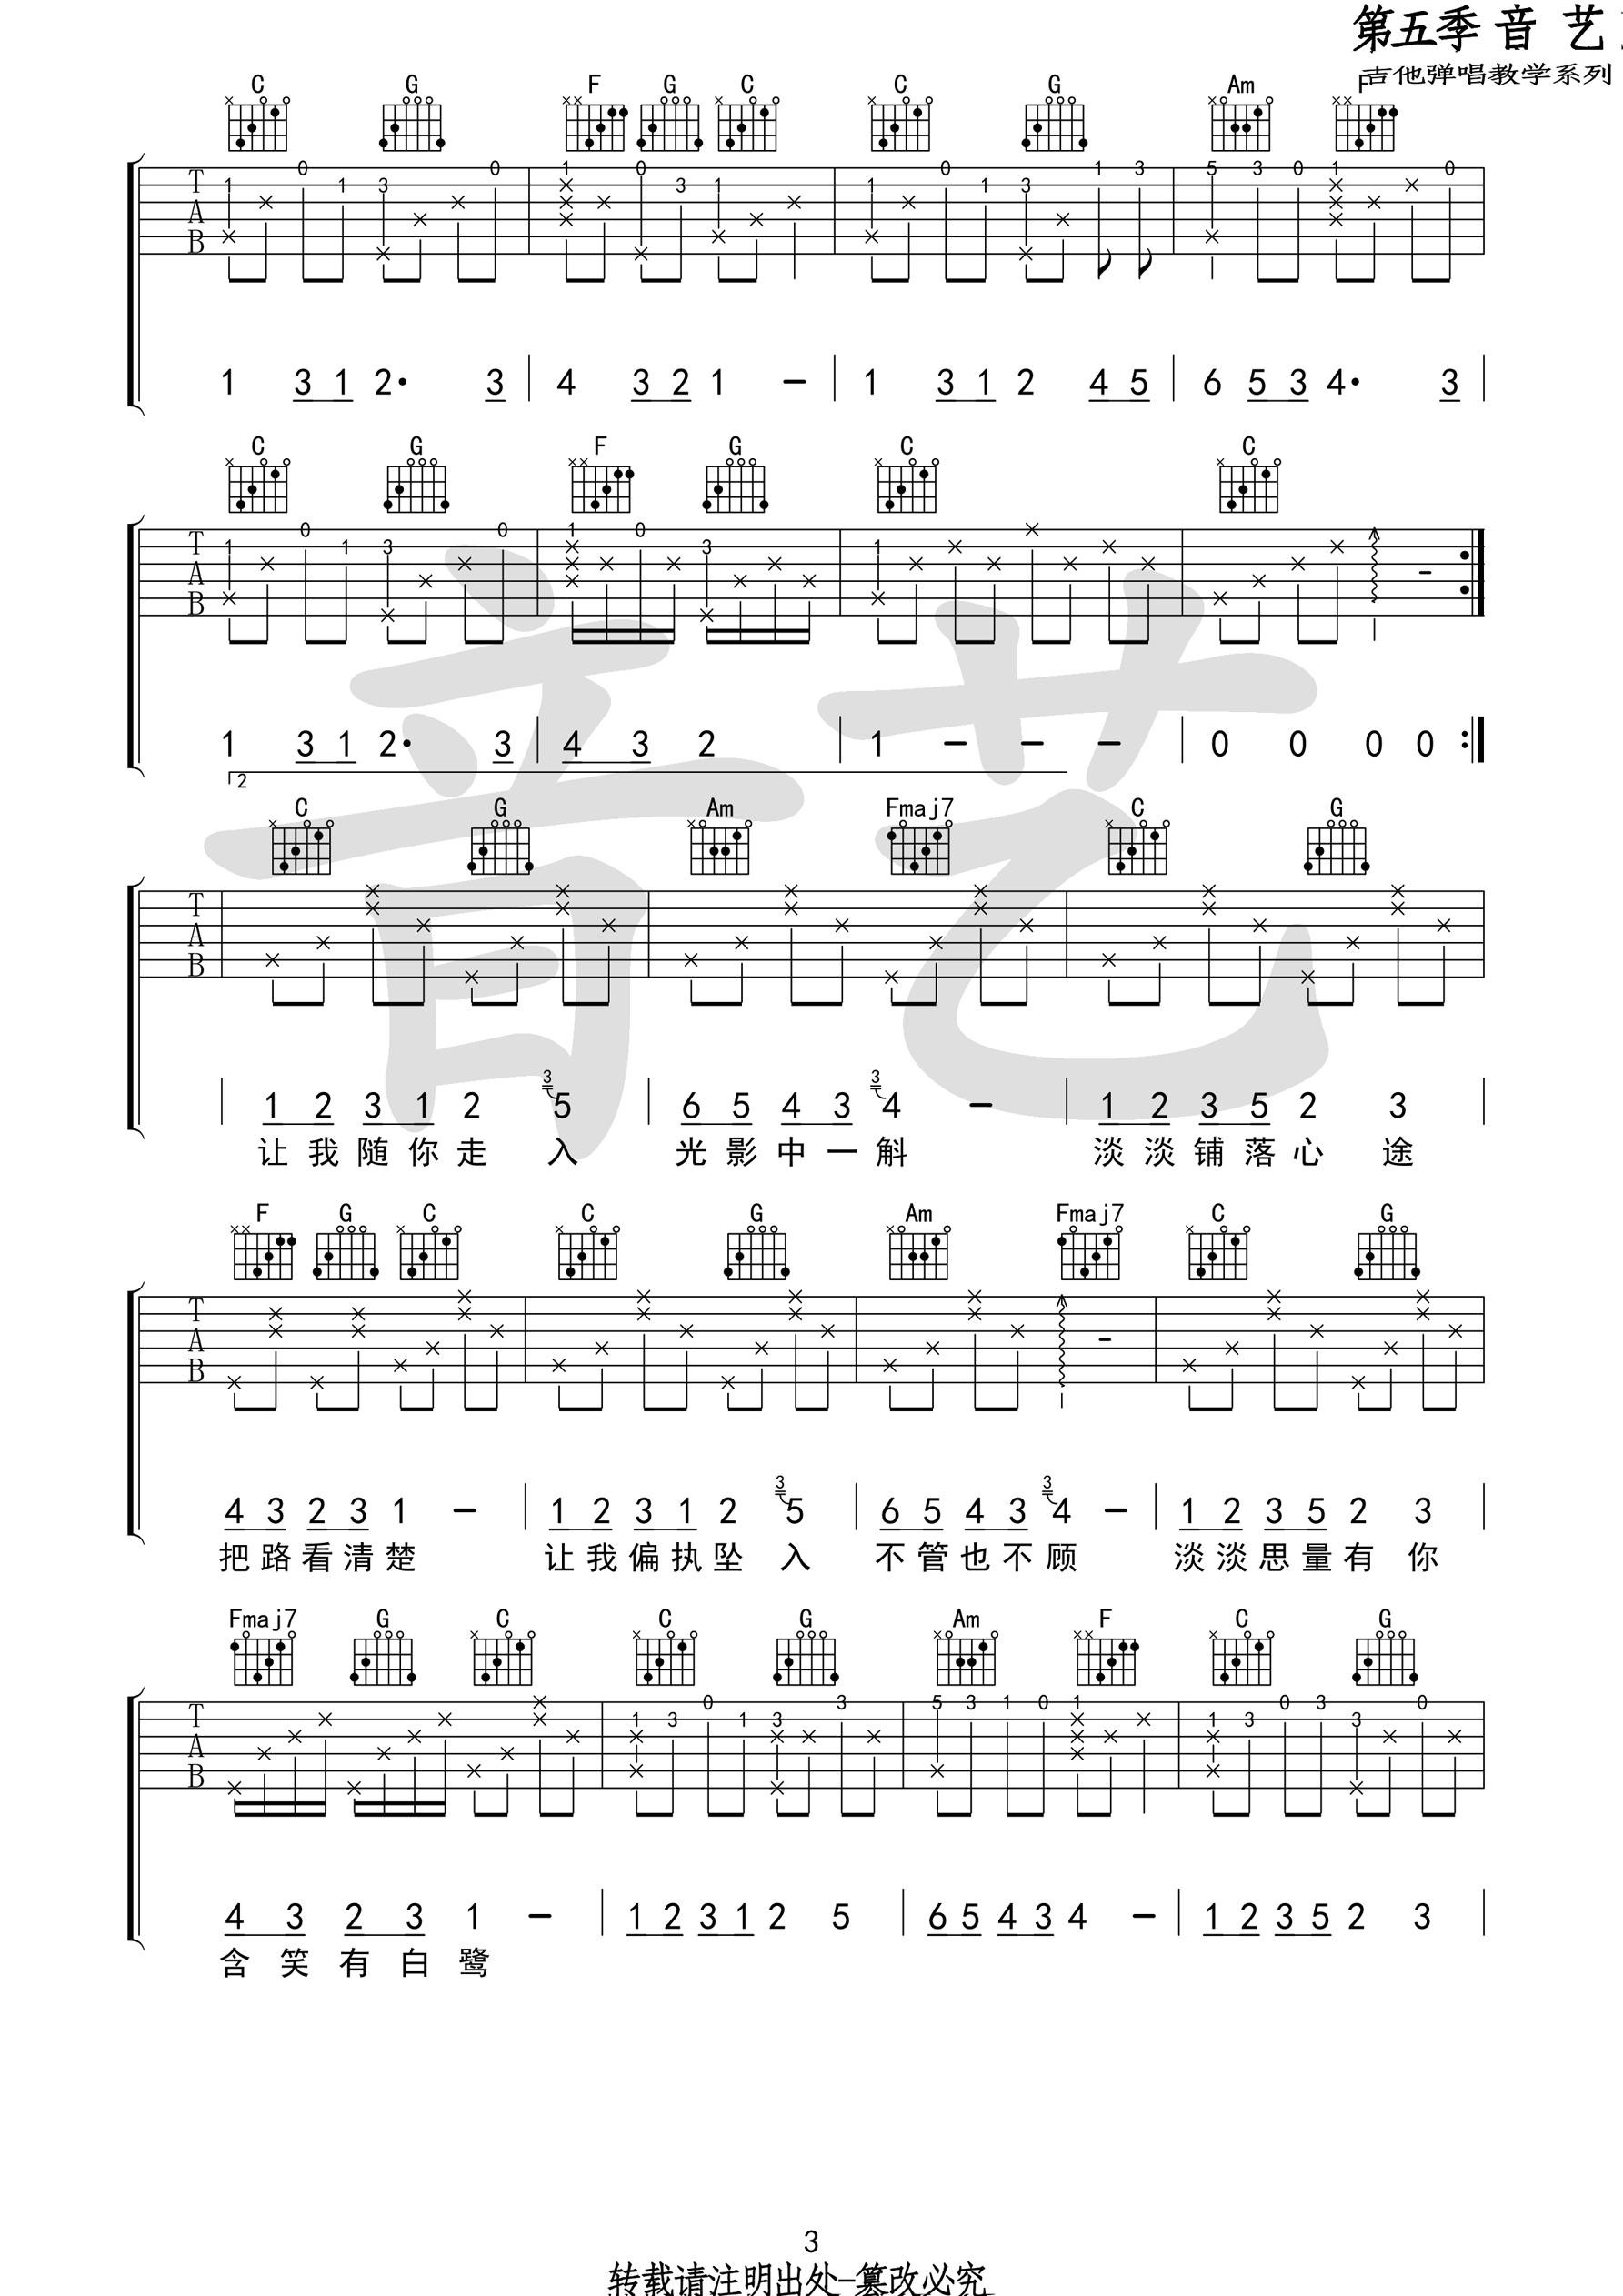 崔开潮《含笑有白鹭》吉他谱 C调原版吉他弹唱谱3